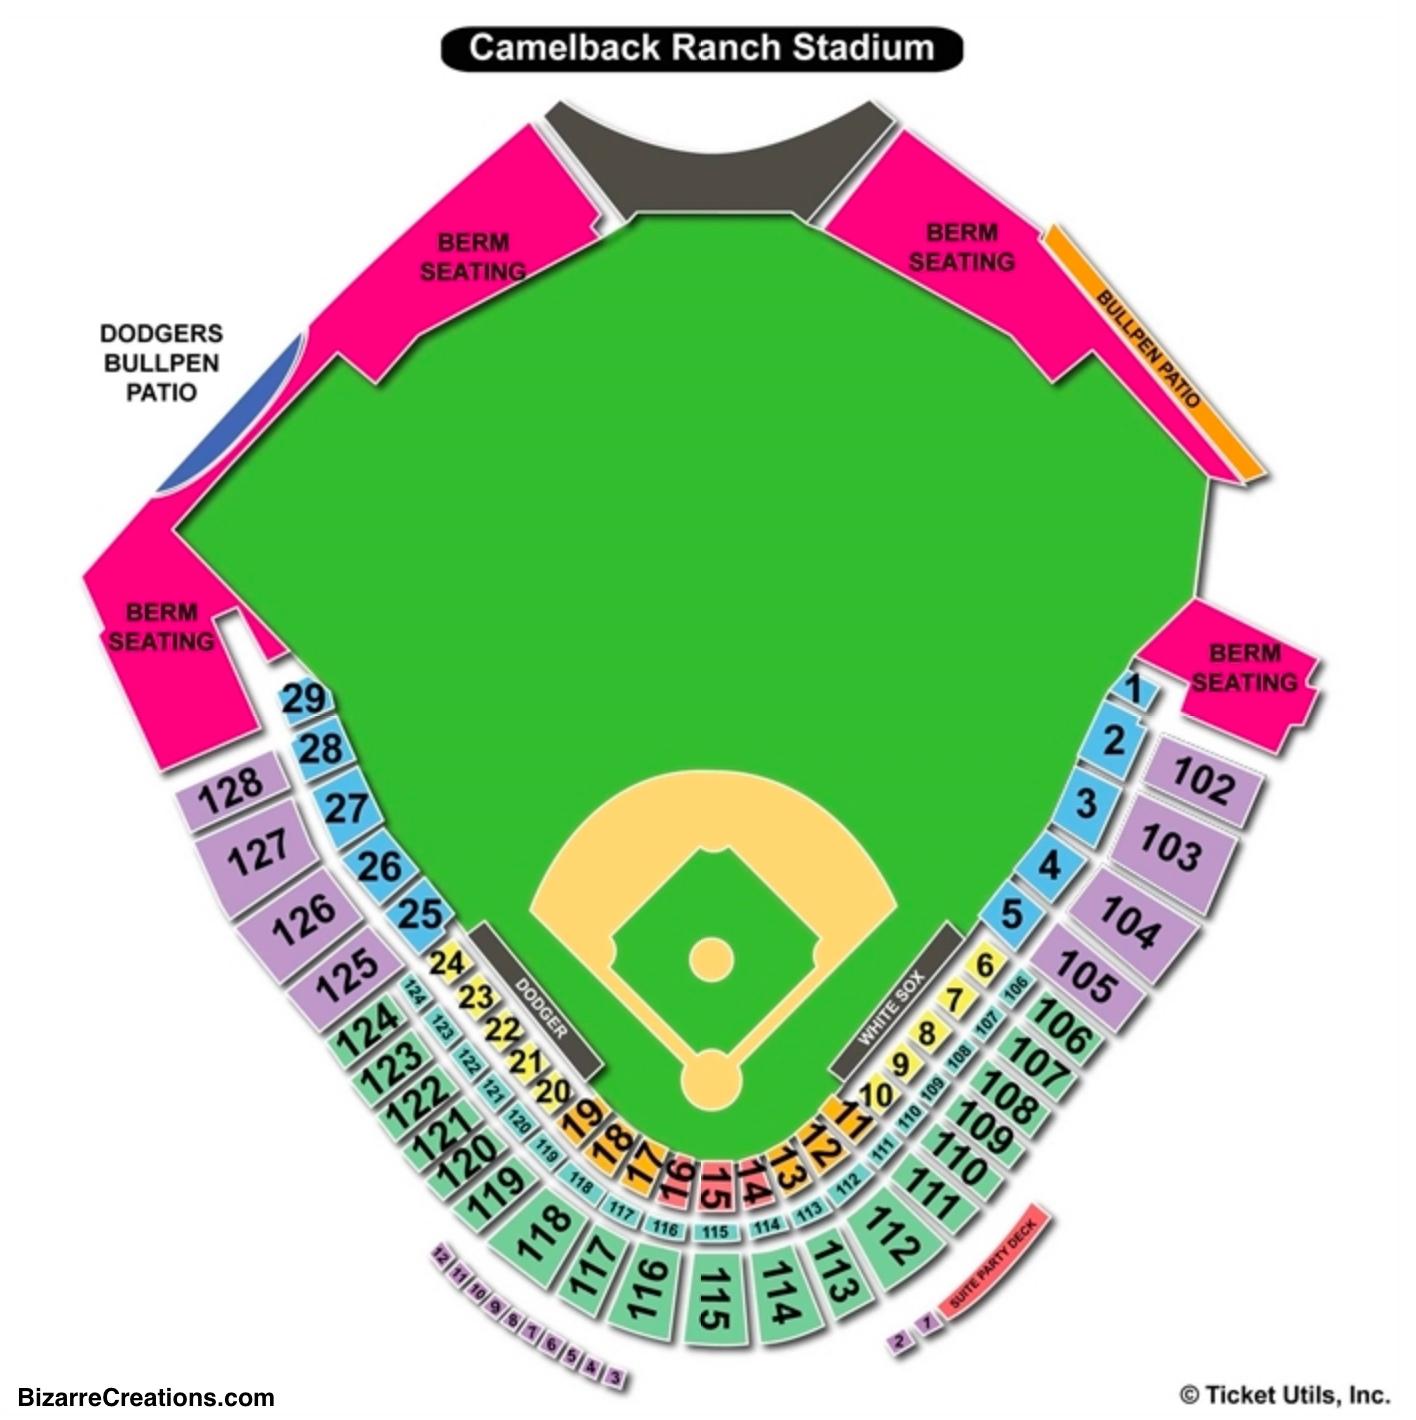 Camelback Ranch Seating Chart Baseball